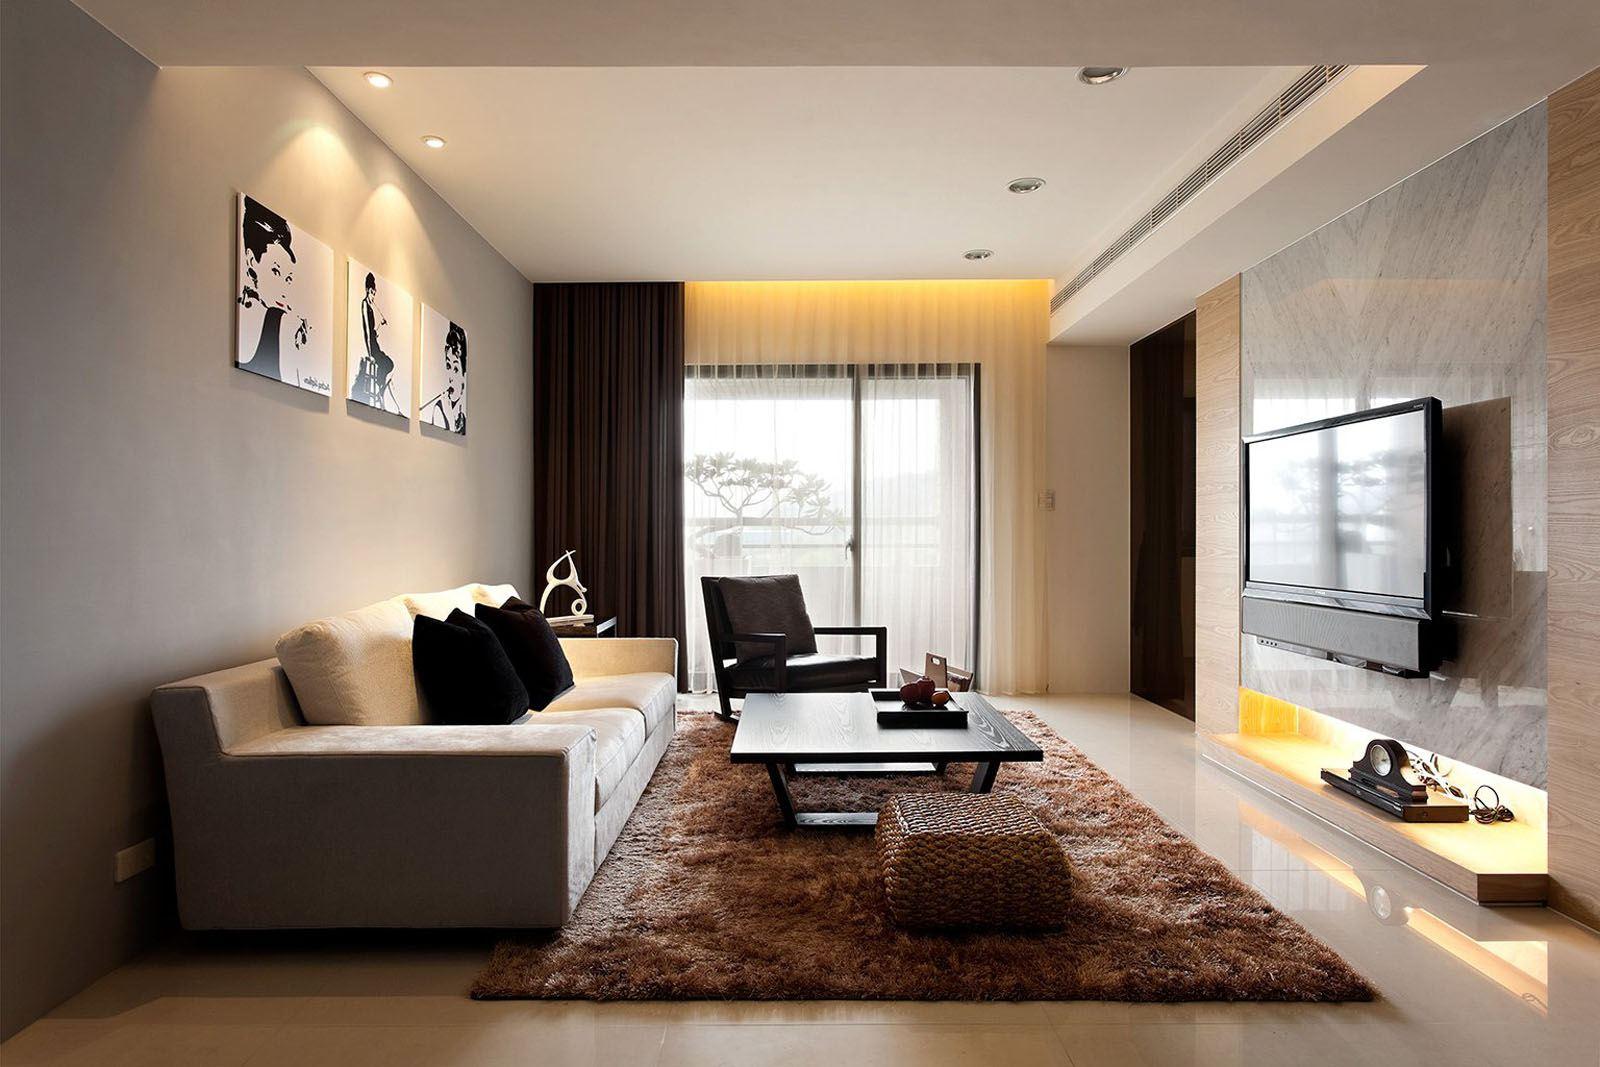 Trang trí nghệ thuật Nouveau trong nội thất phòng khách